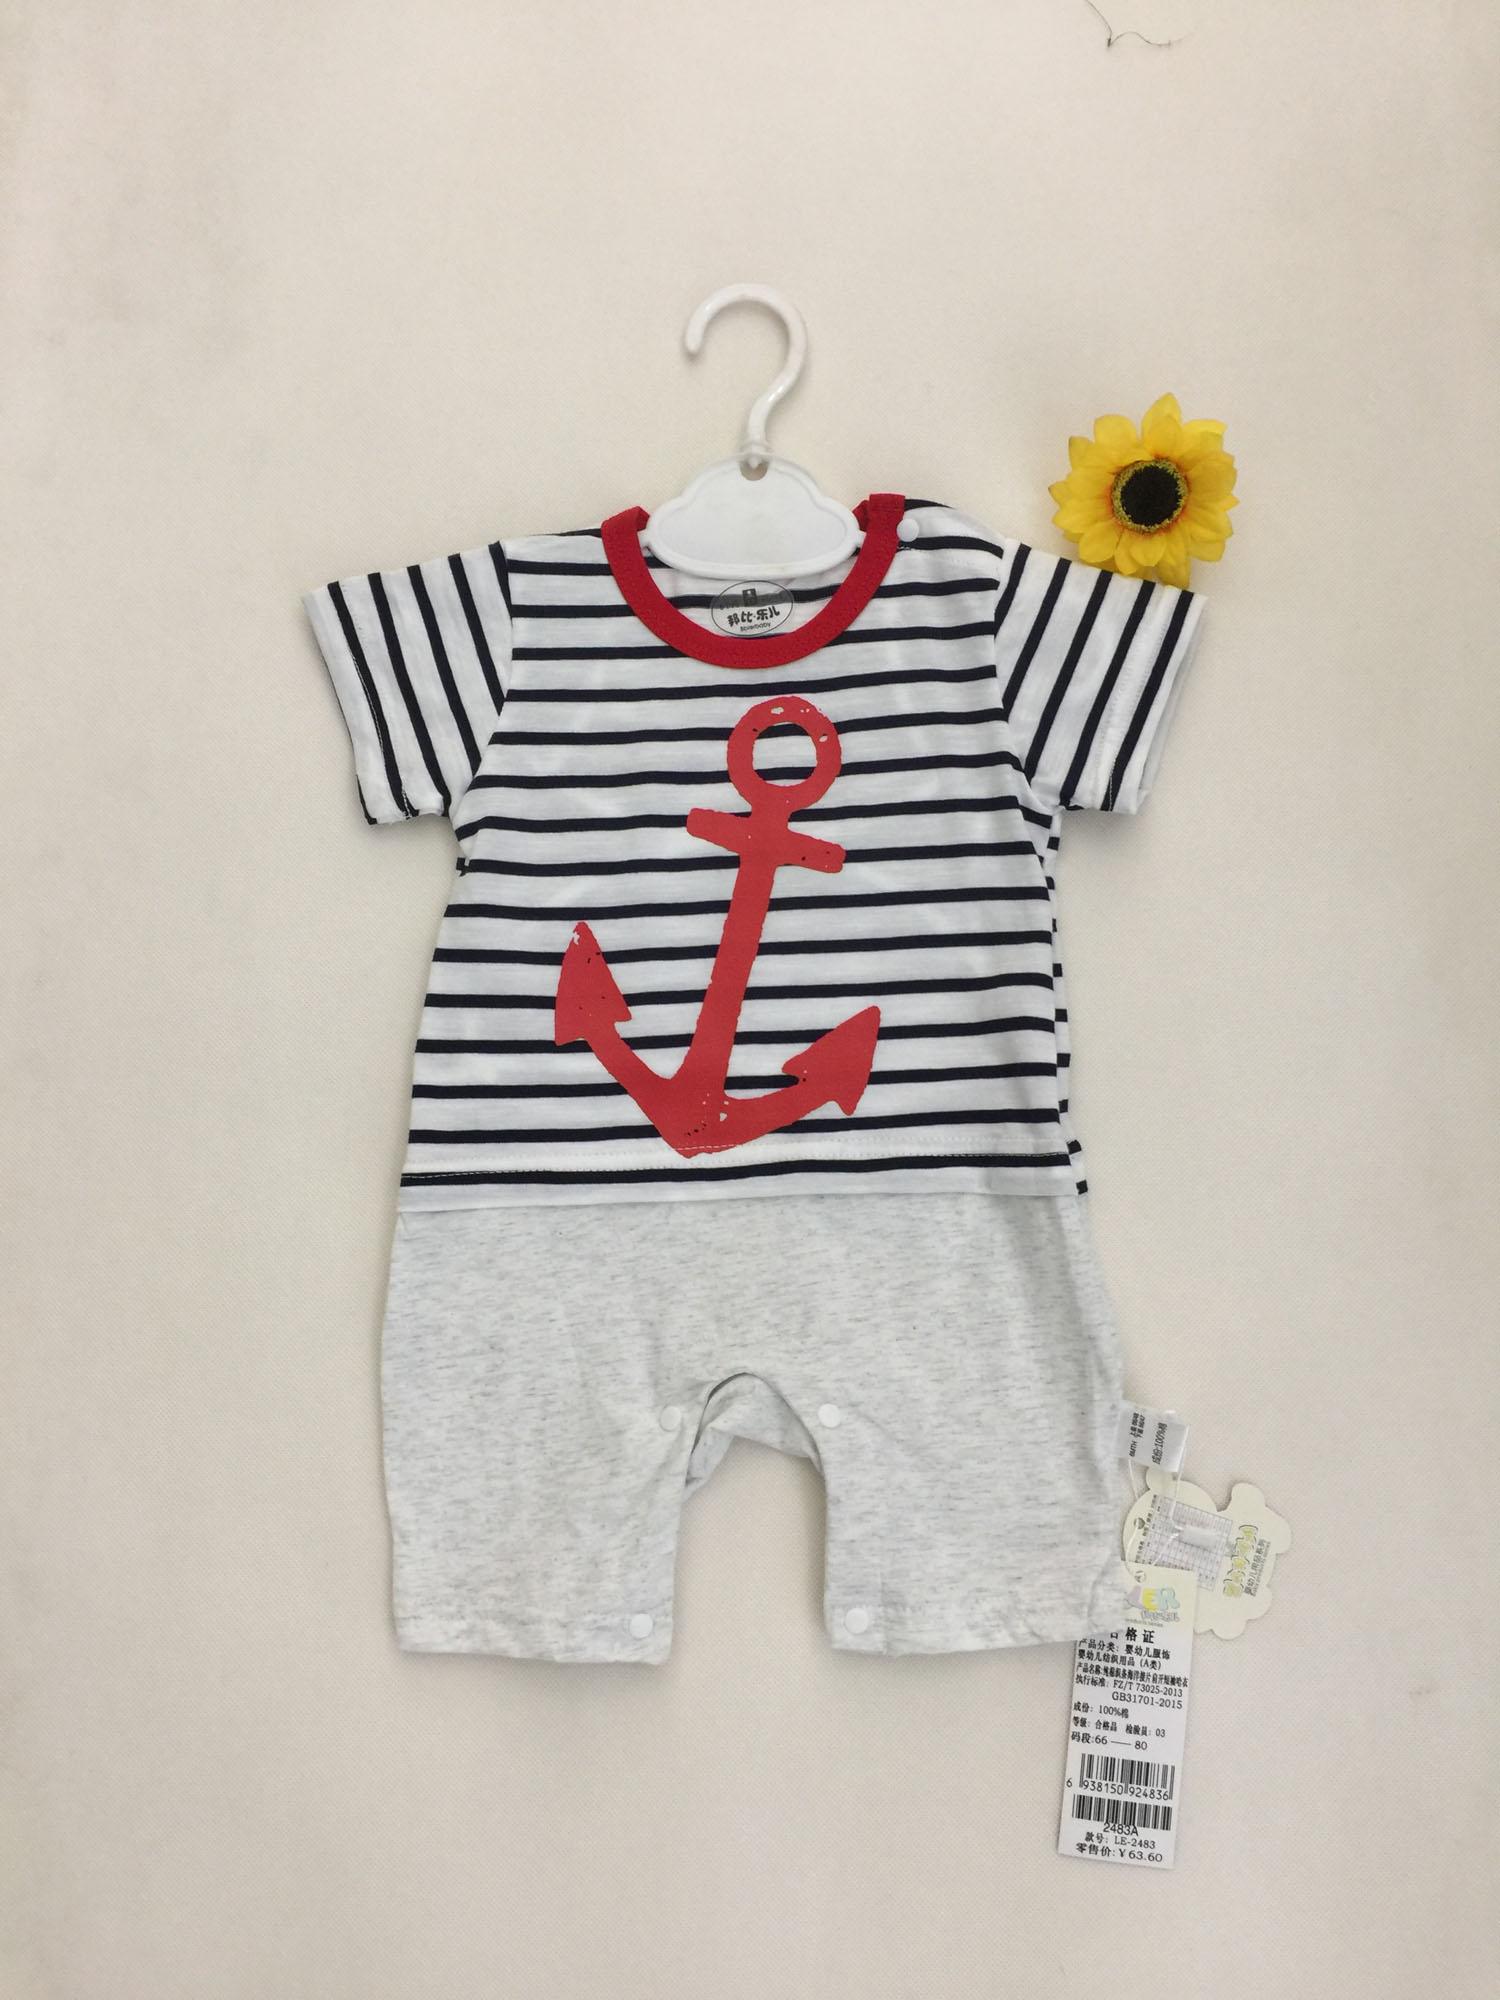 邦比乐儿婴儿夏季新款纯棉肩开短袖连体哈衣 多款选择 婴童服饰